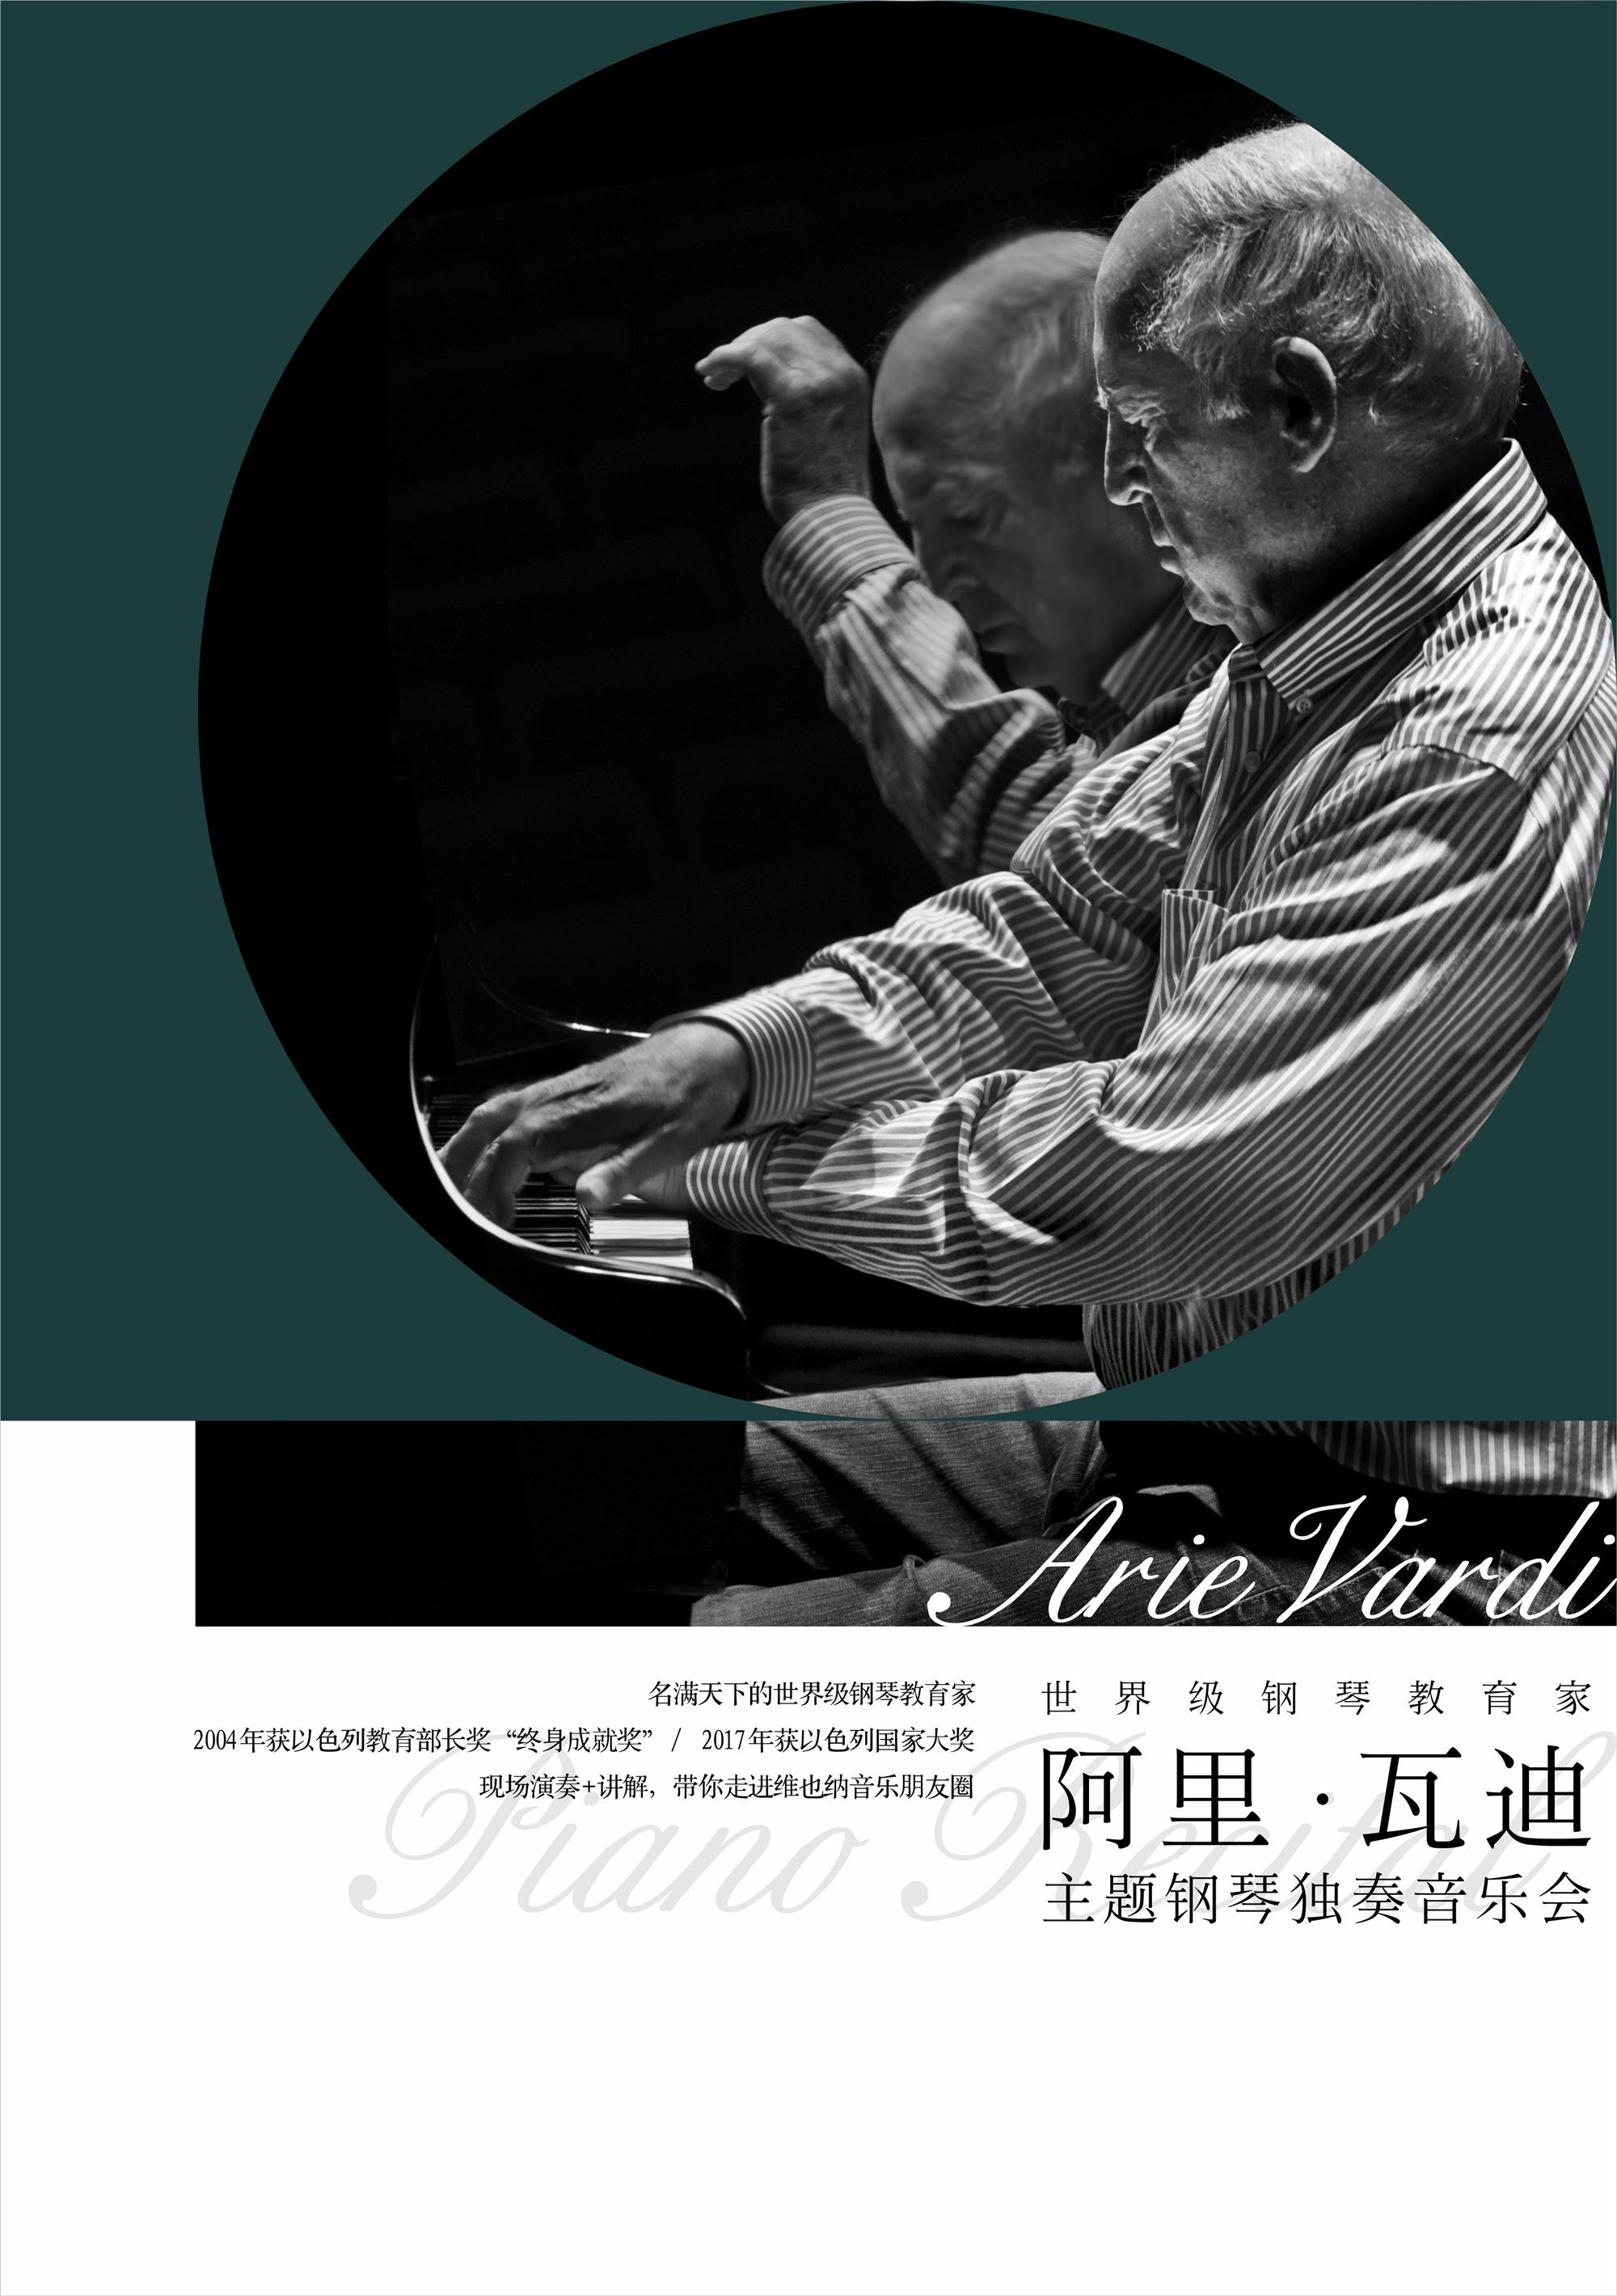 Arie Vardi Piano recital